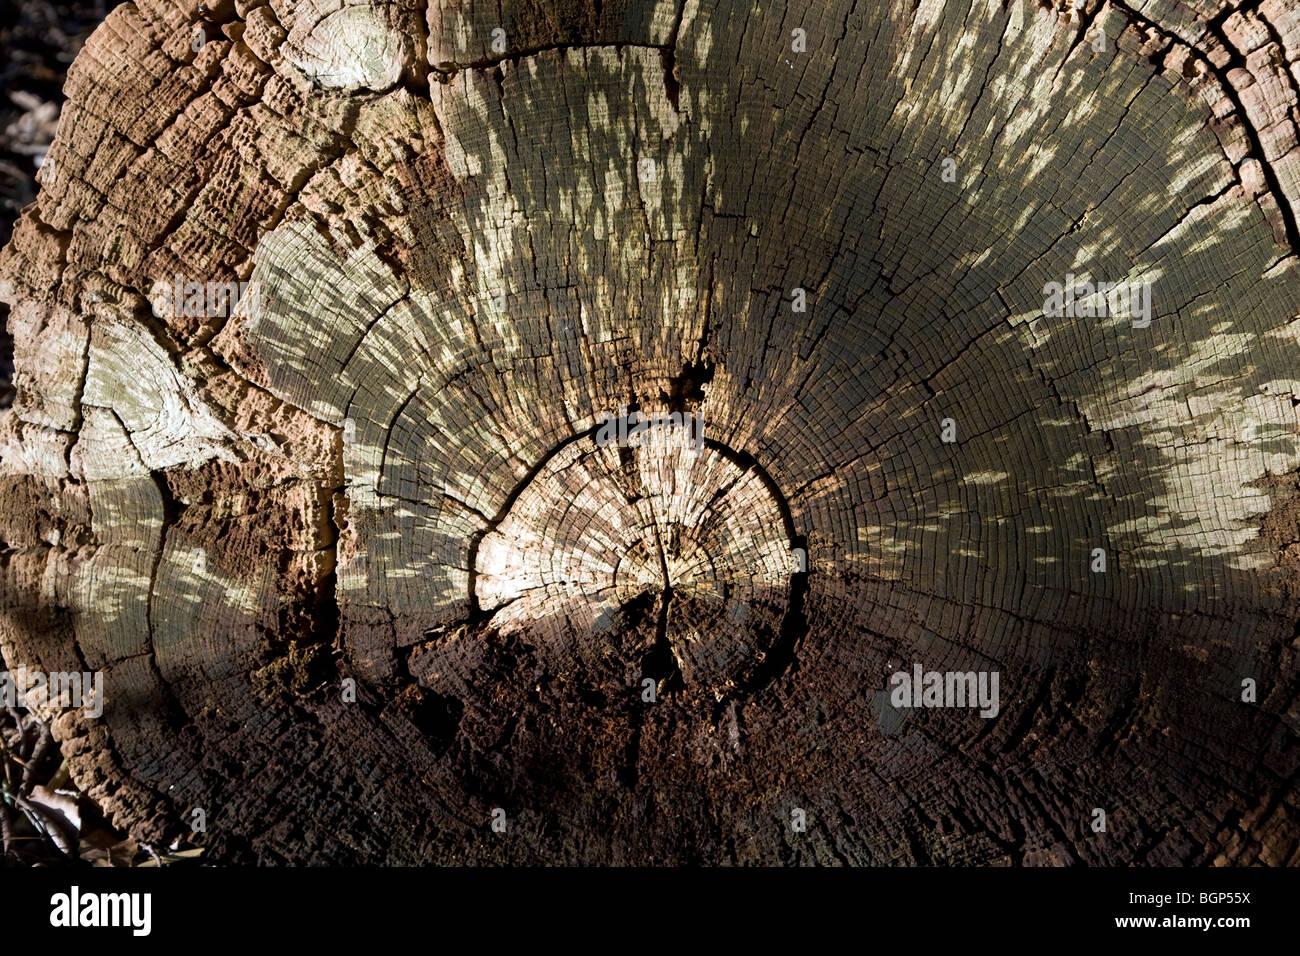 Patrones de anillos de árbol en árbol podrido Imagen De Stock